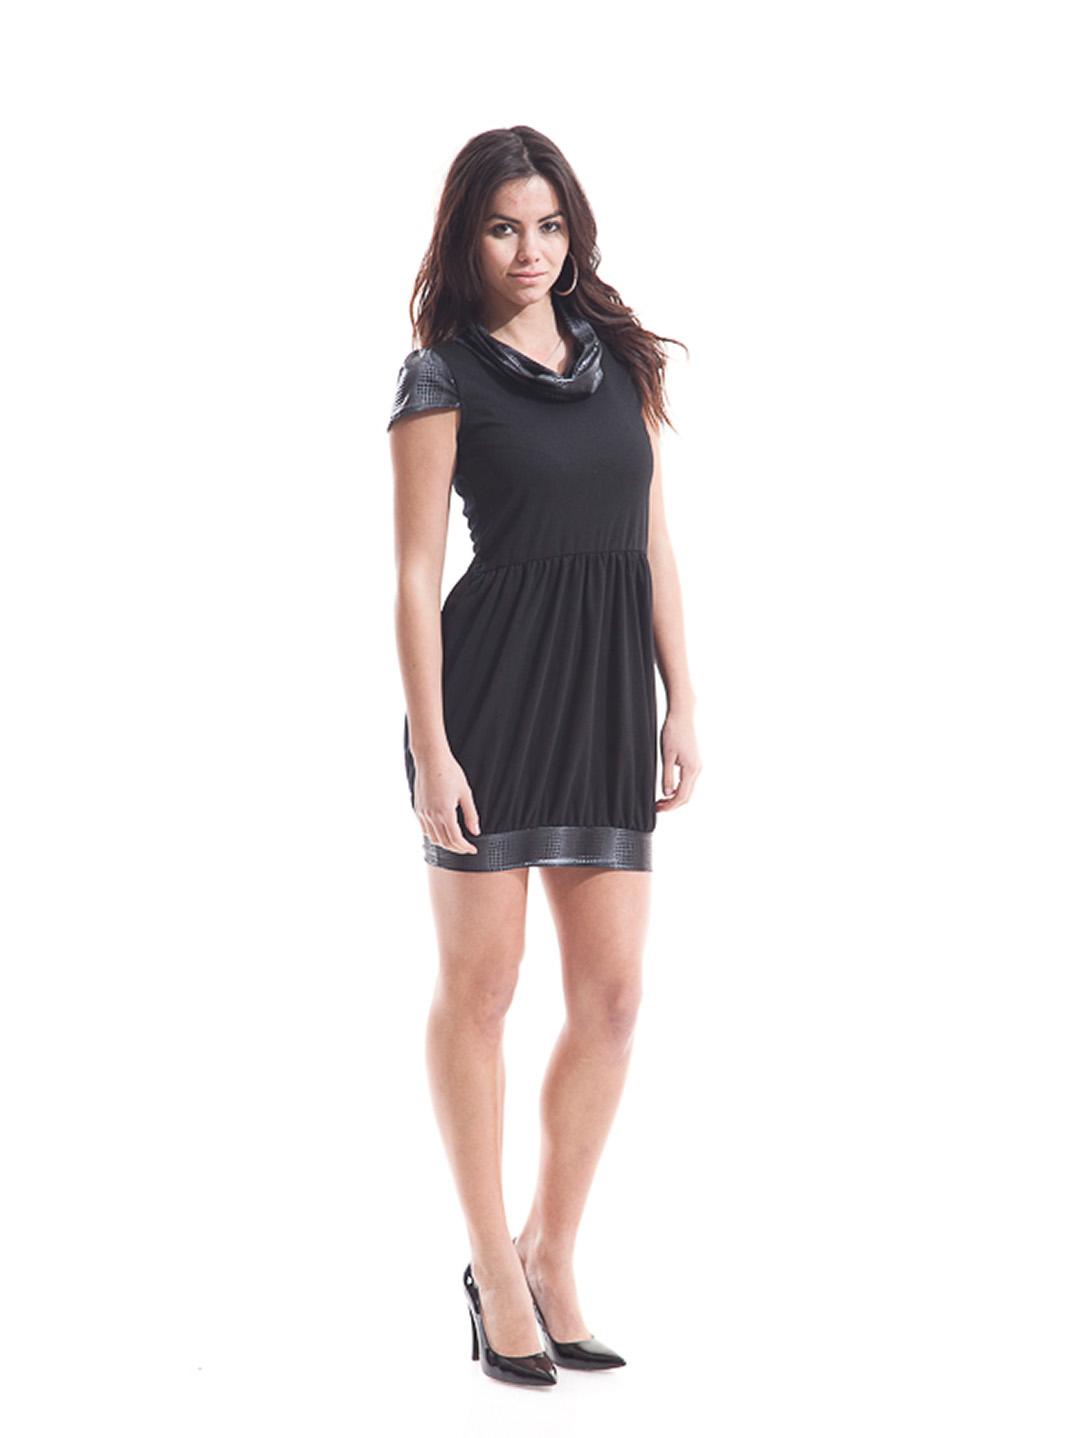 Short Dresses 2013 for Girls